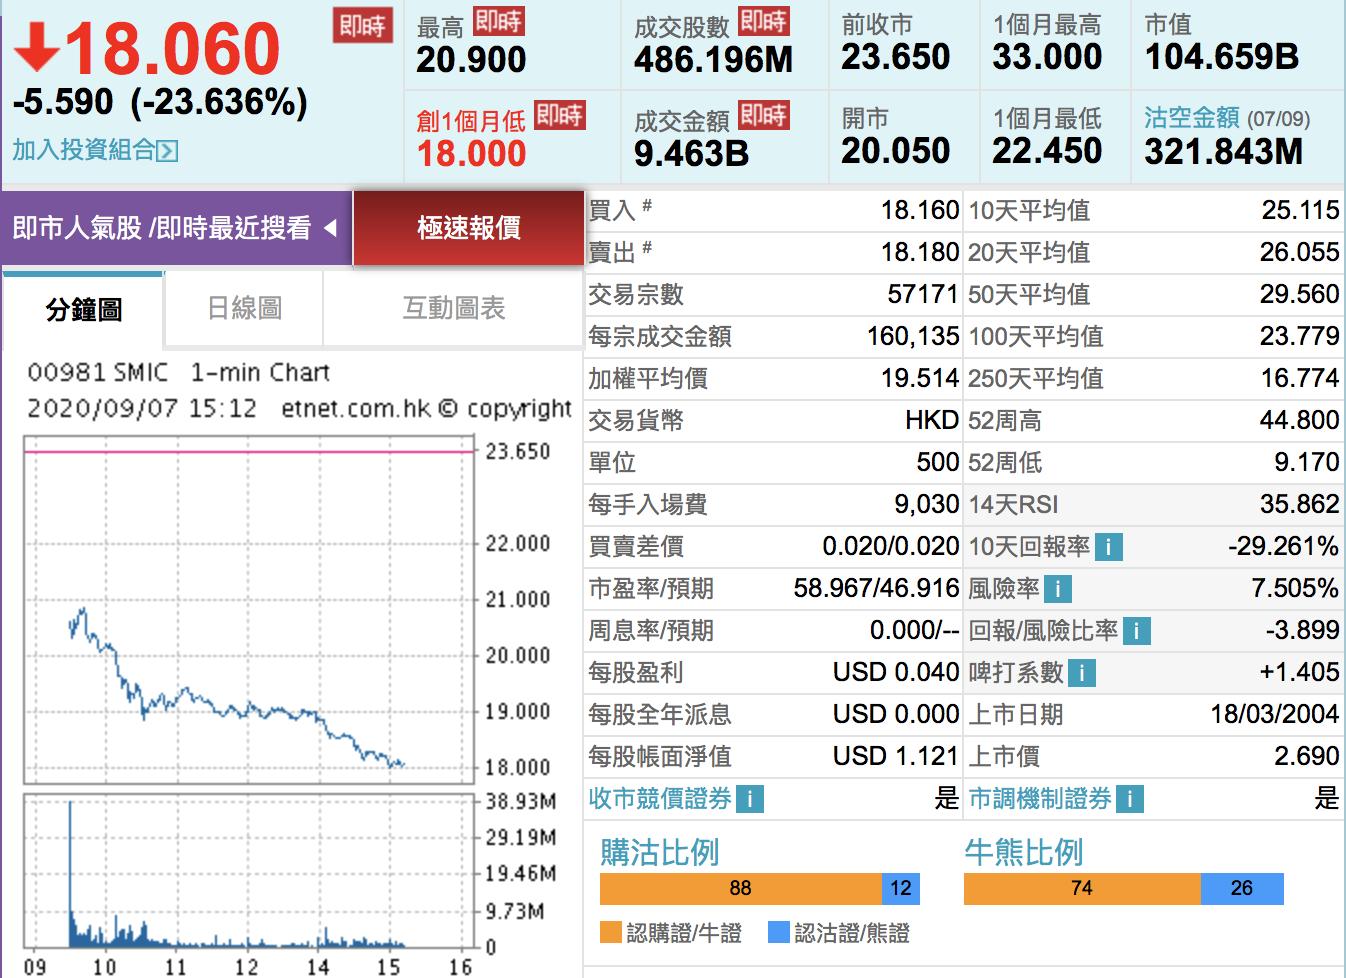 中芯國際港股股價於7日一度跌23.64%,至18.06元。(網絡截圖)